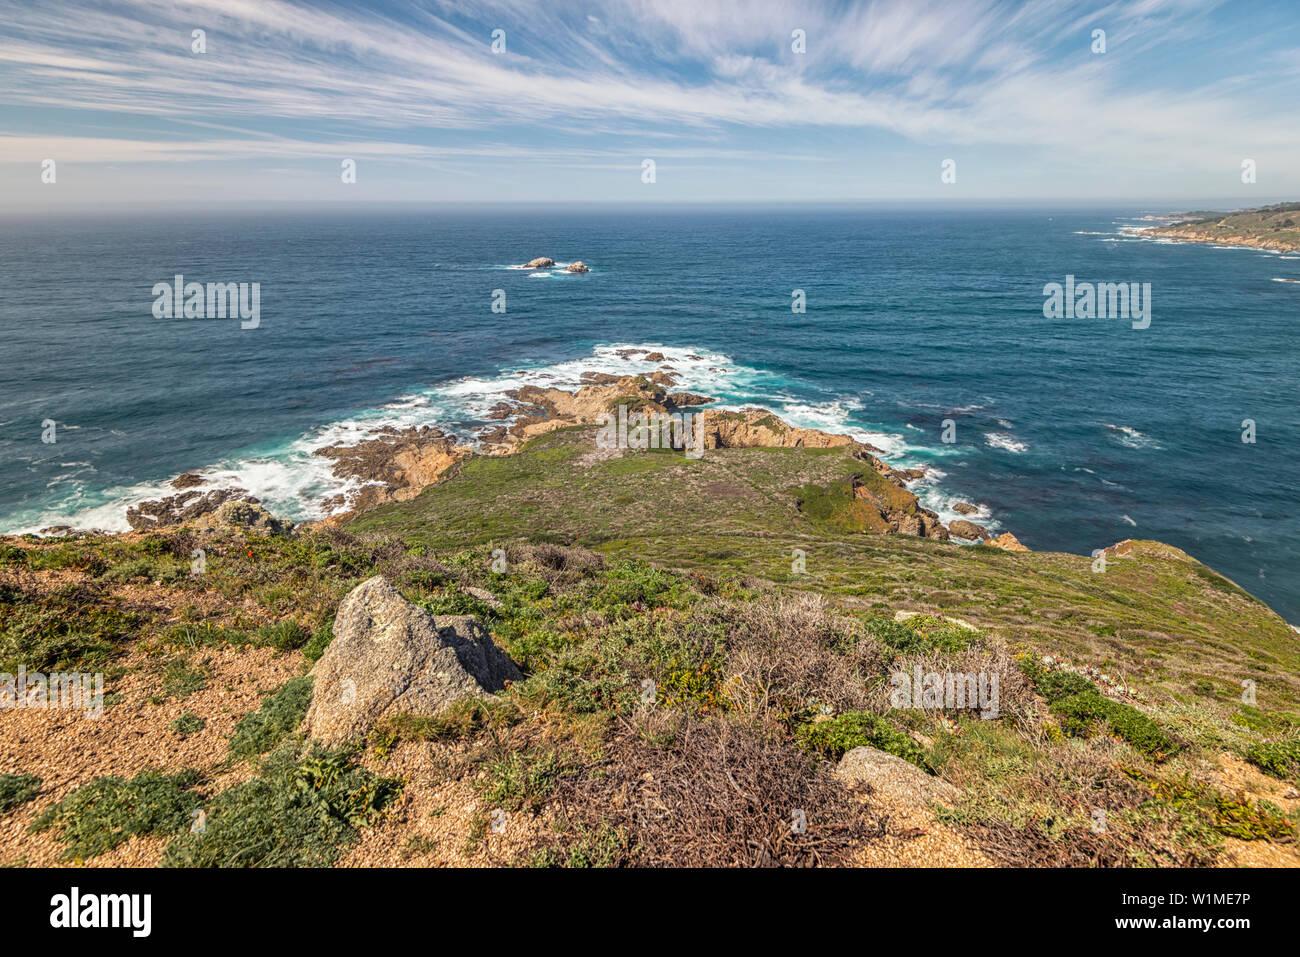 Coastal view from atop Whale Peak. Garrapata State Park, Monterey coast, California, USA. - Stock Image